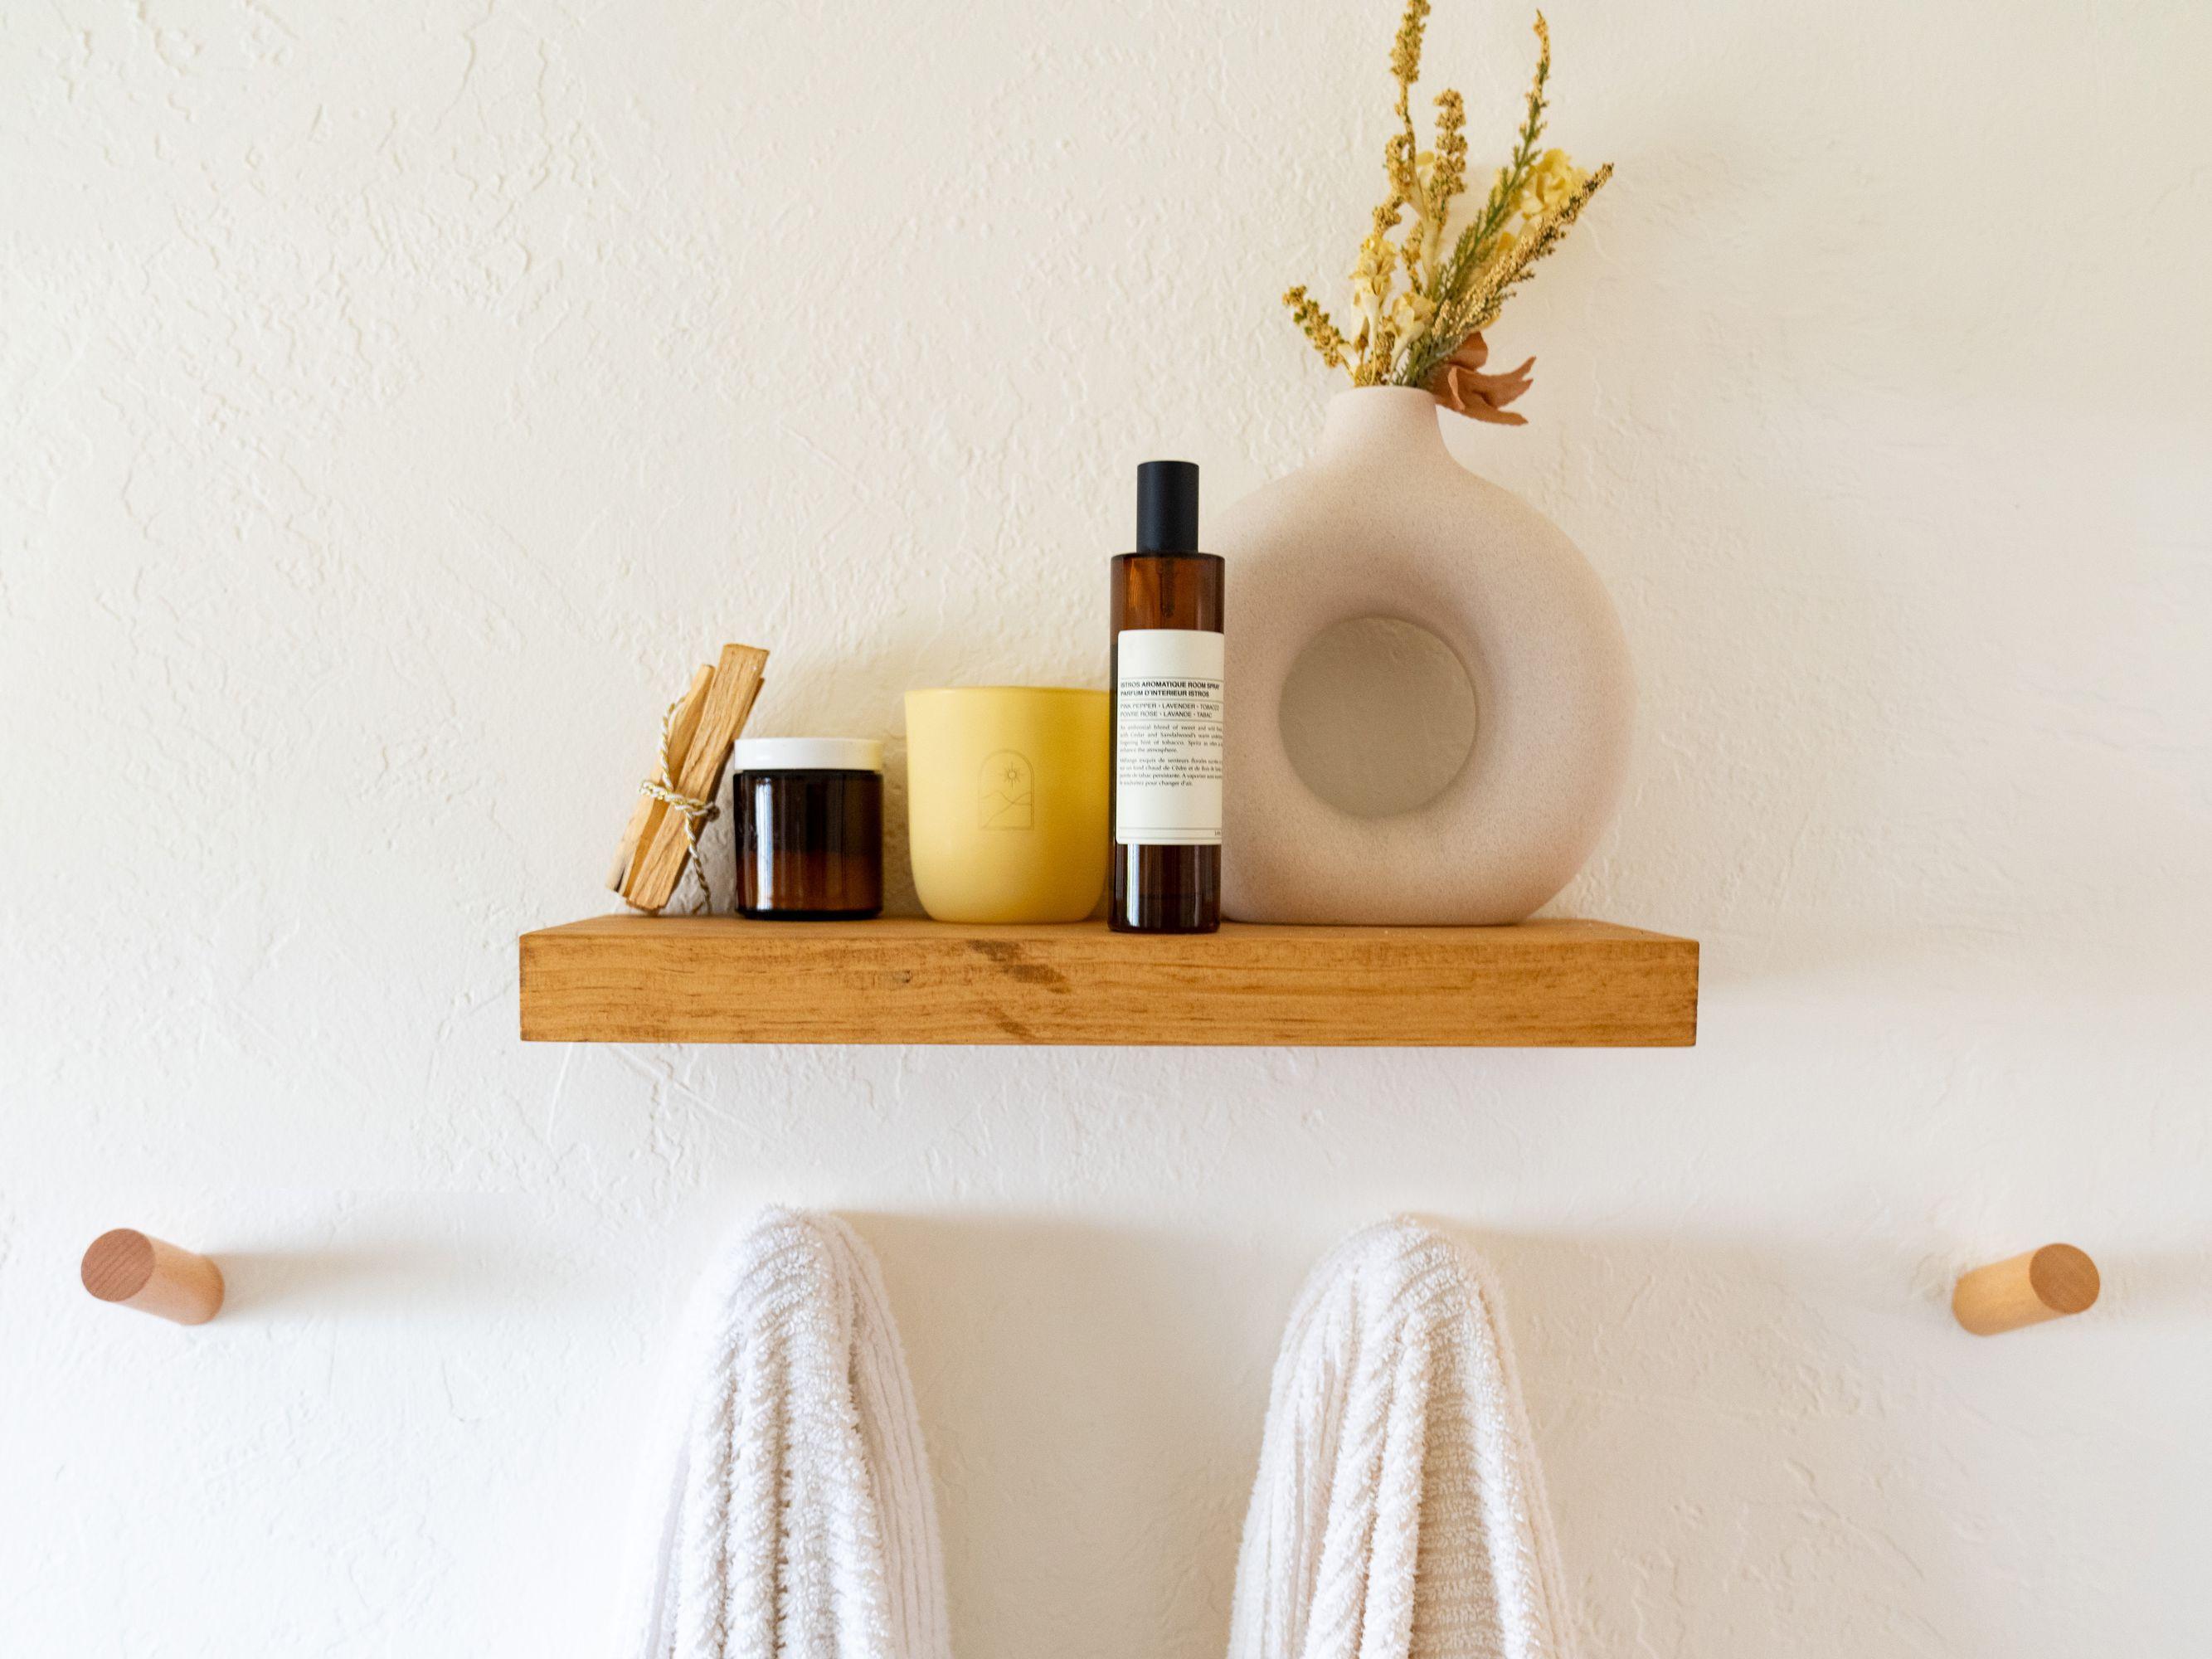 17 Small Bathroom Shelf Ideas, Wooden Bathroom Shelf